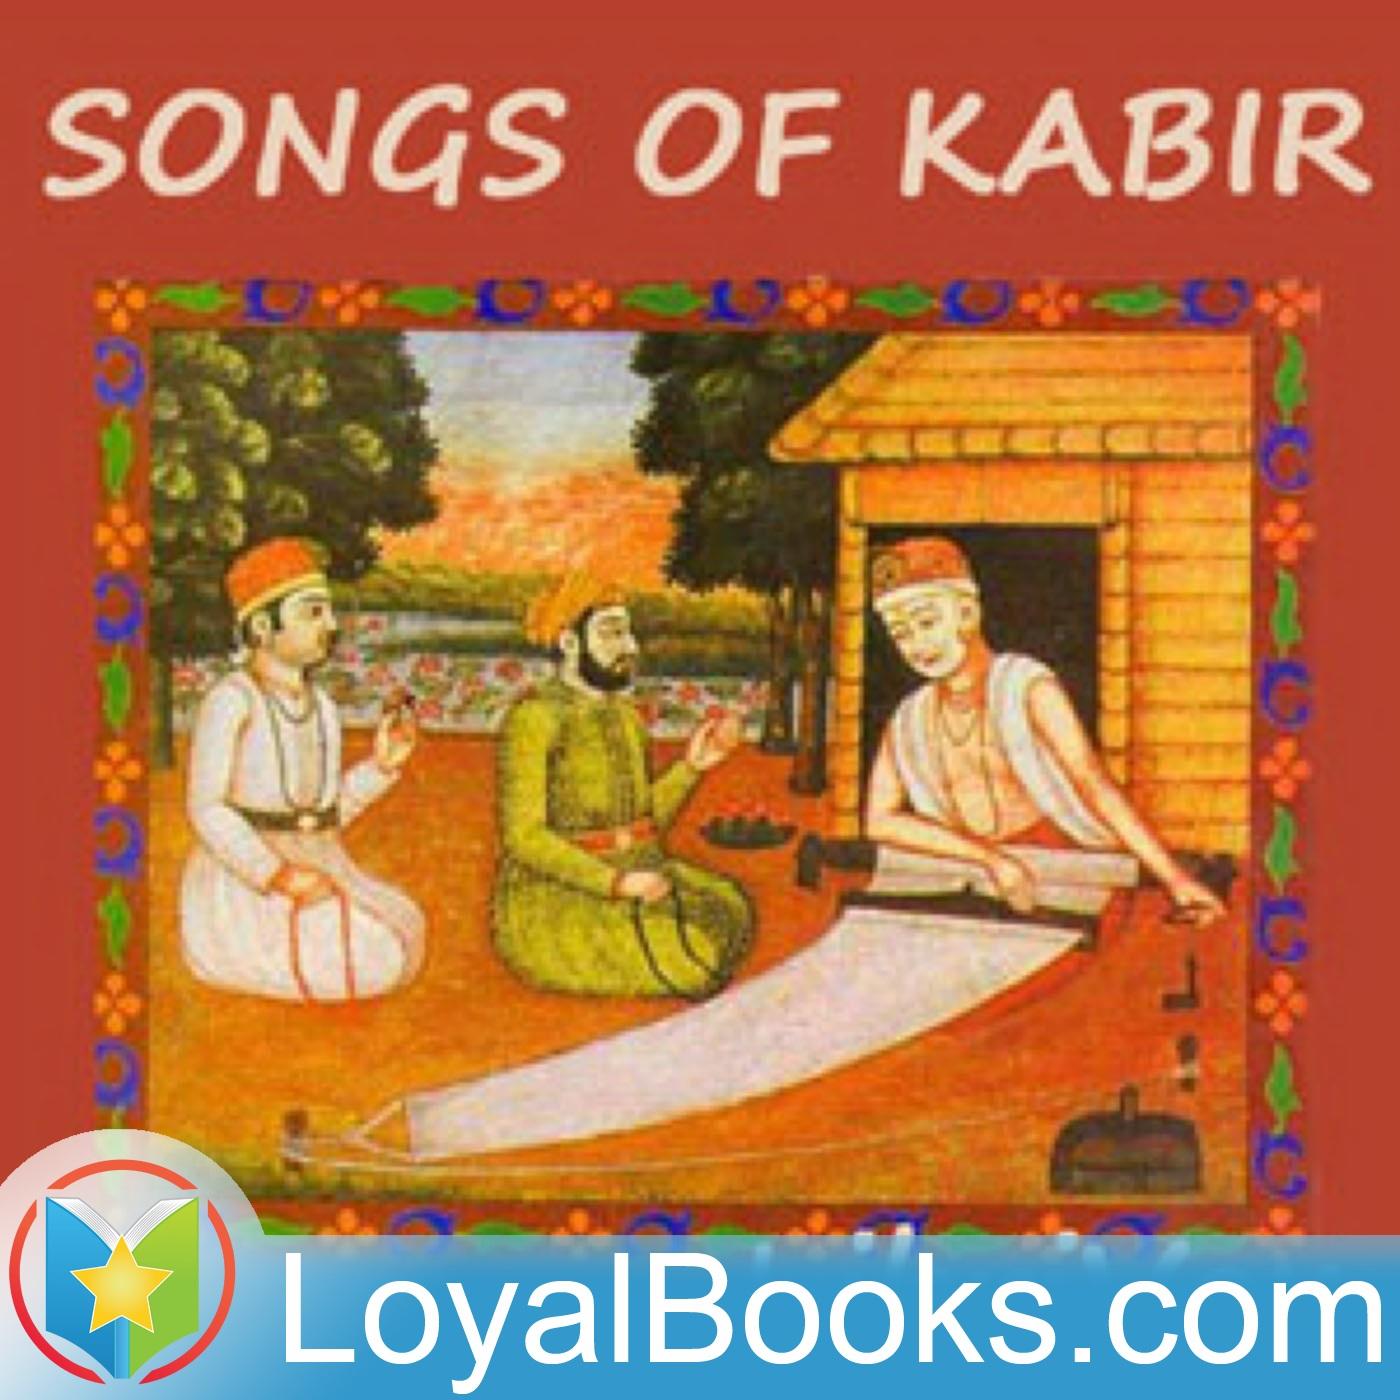 <![CDATA[Songs of Kabir by Kabir]]>